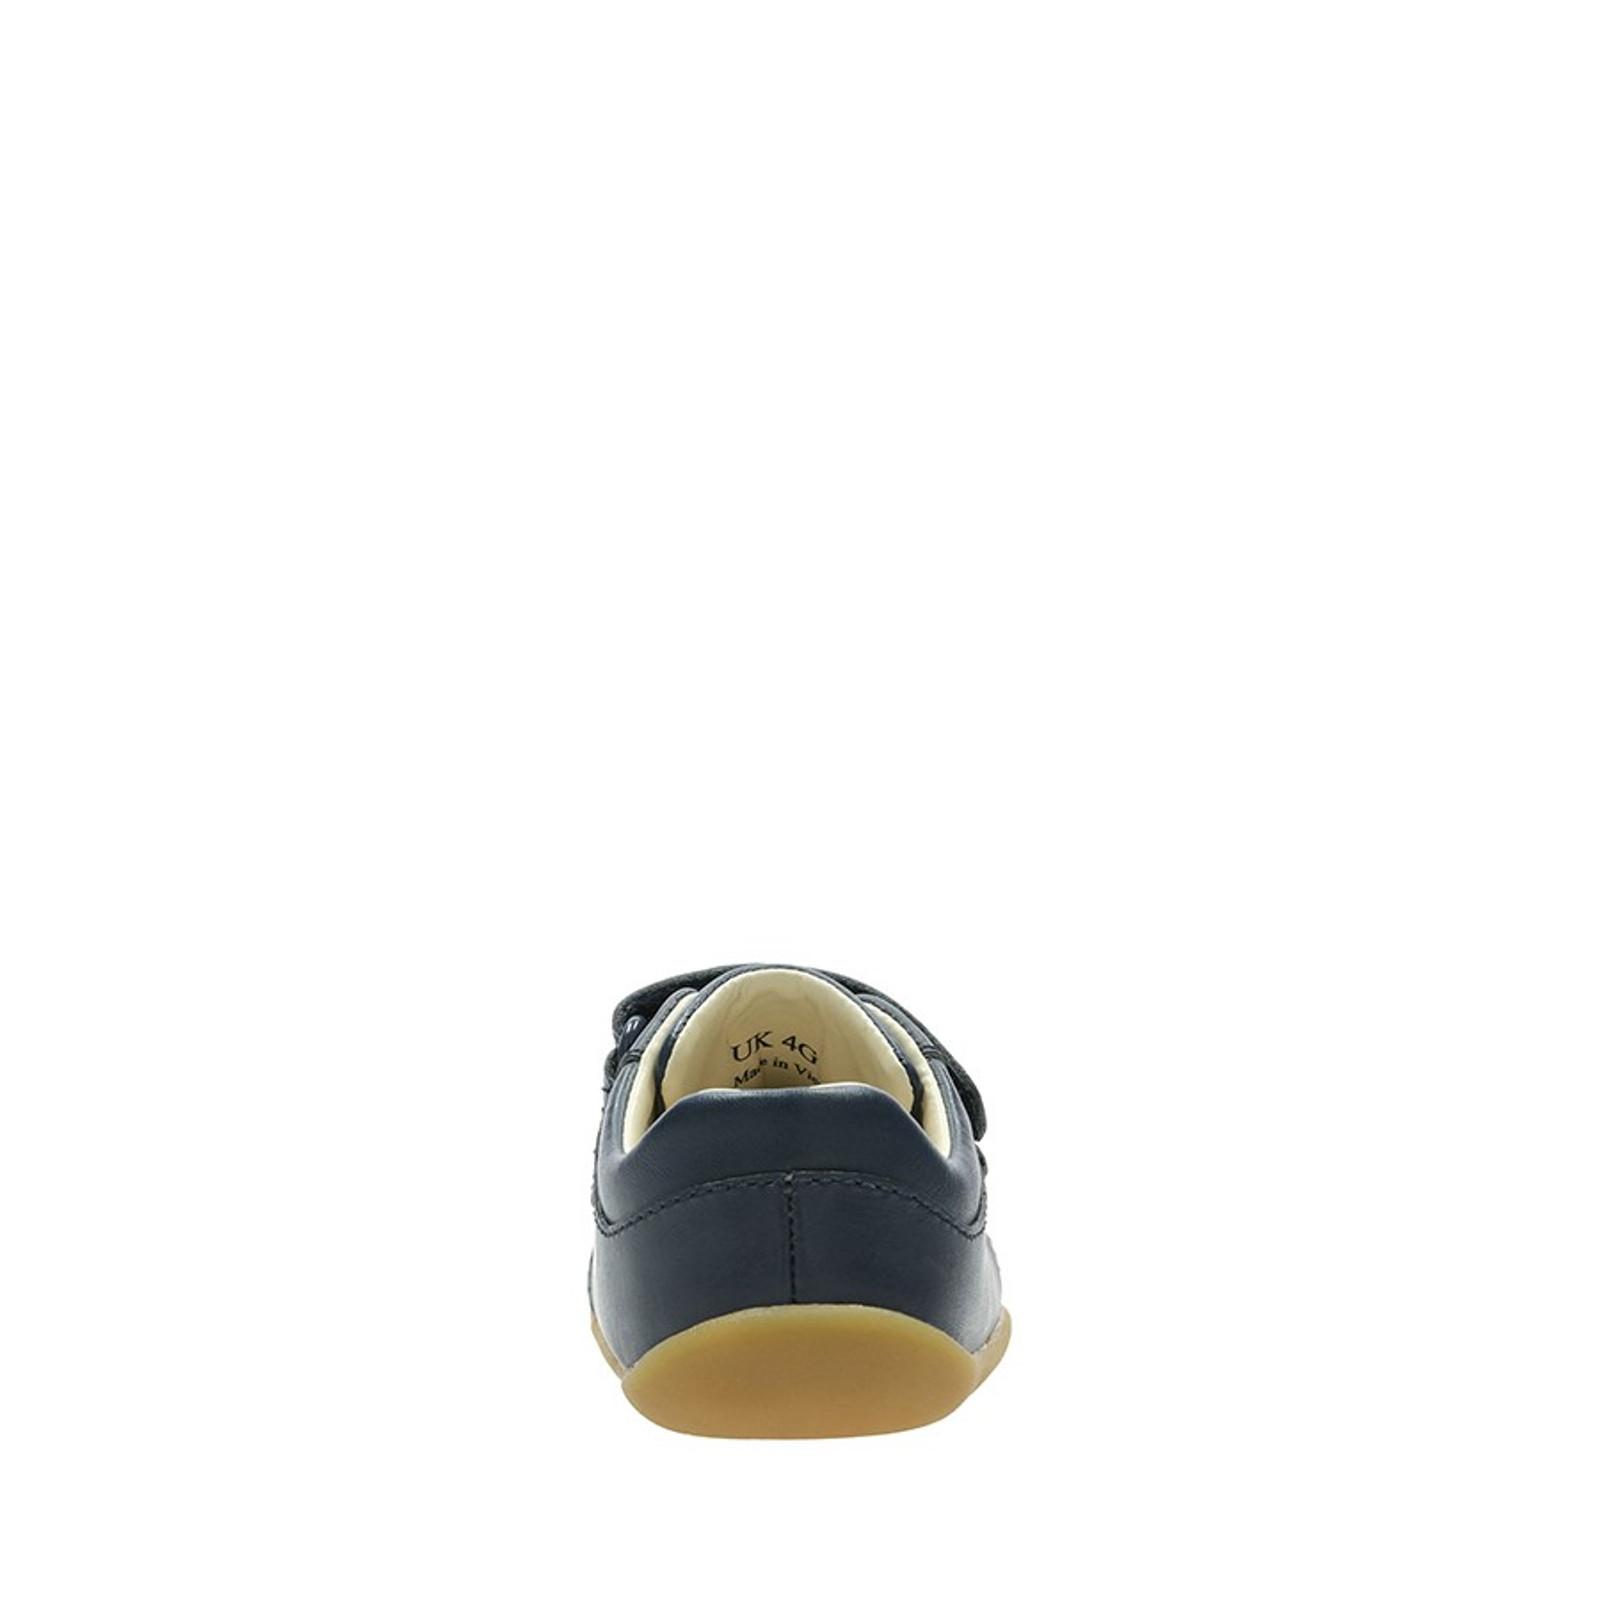 Clarks UnisexChildren ROAMER CRAFT T Navy Leather